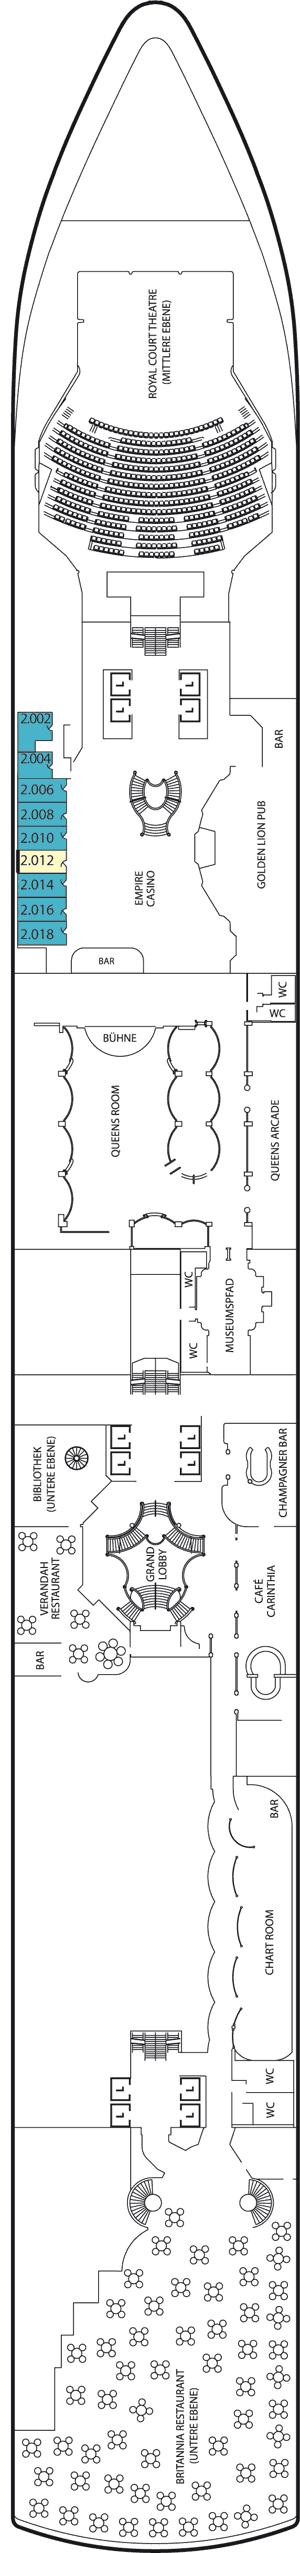 Queen Victoria - Deck 2